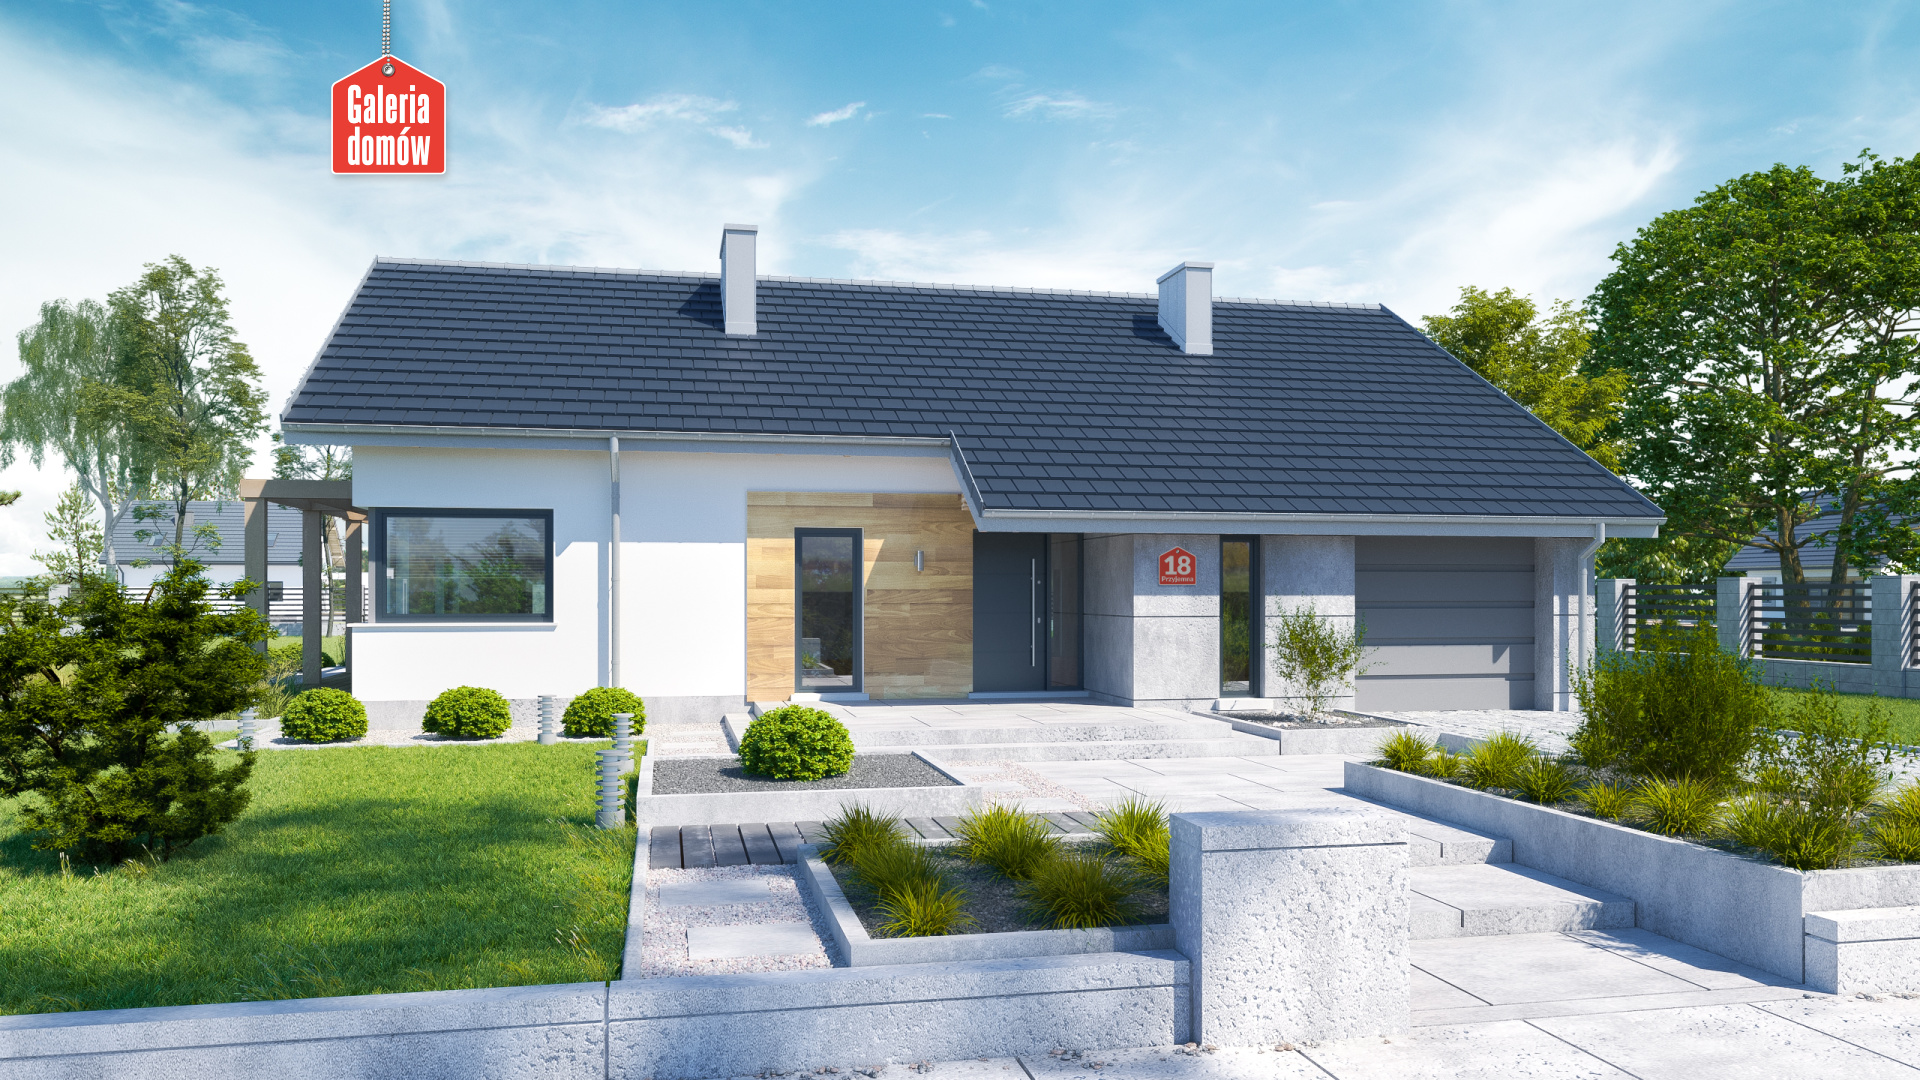 Dom przy Przyjemnej 18 bis - zdjęcie projektu i wizualizacja